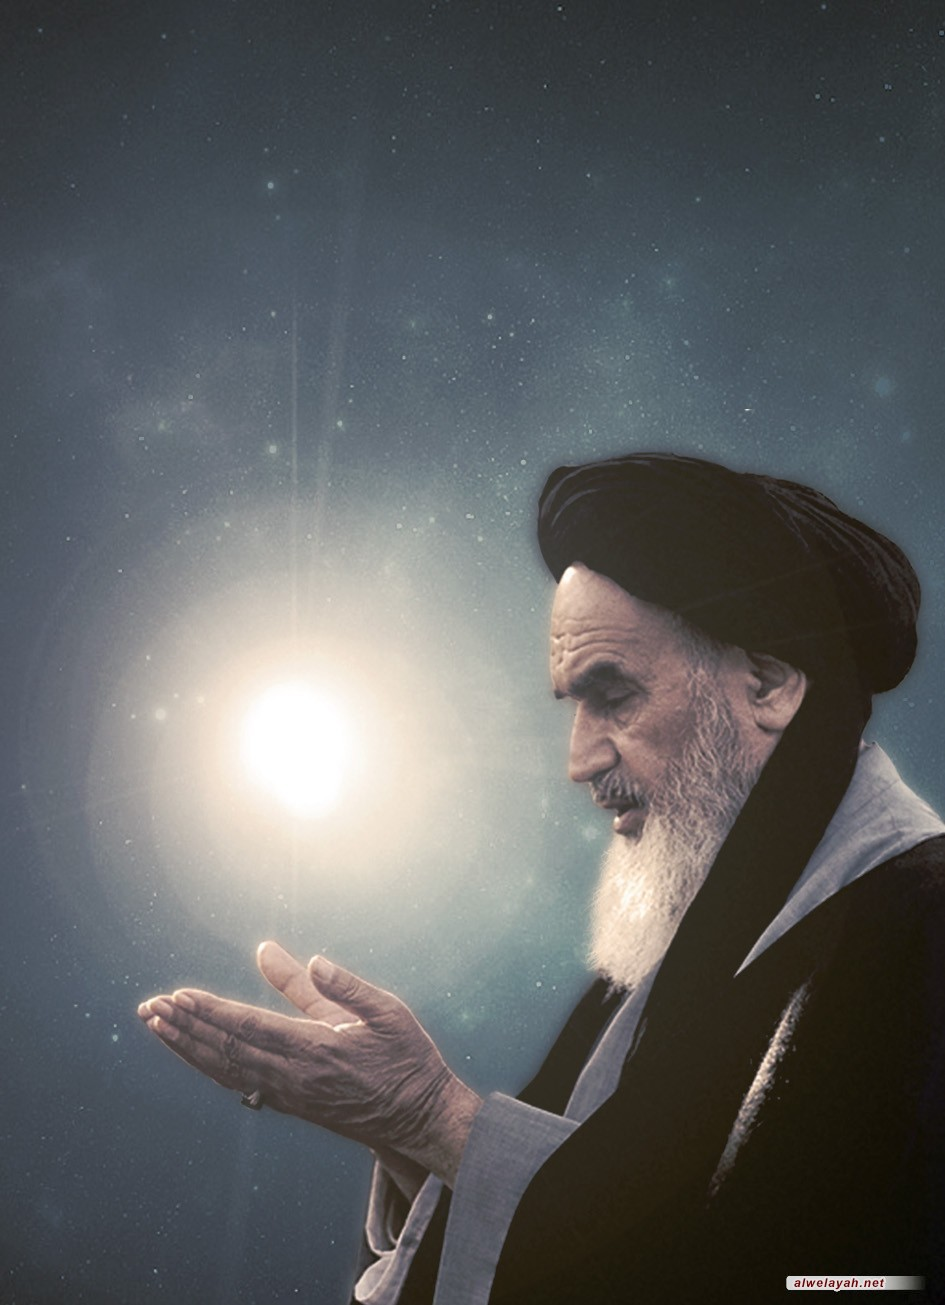 آية الله العظمى جوادي آملي؛ خصائص الإمام الخميني ومقومات الاستمرار